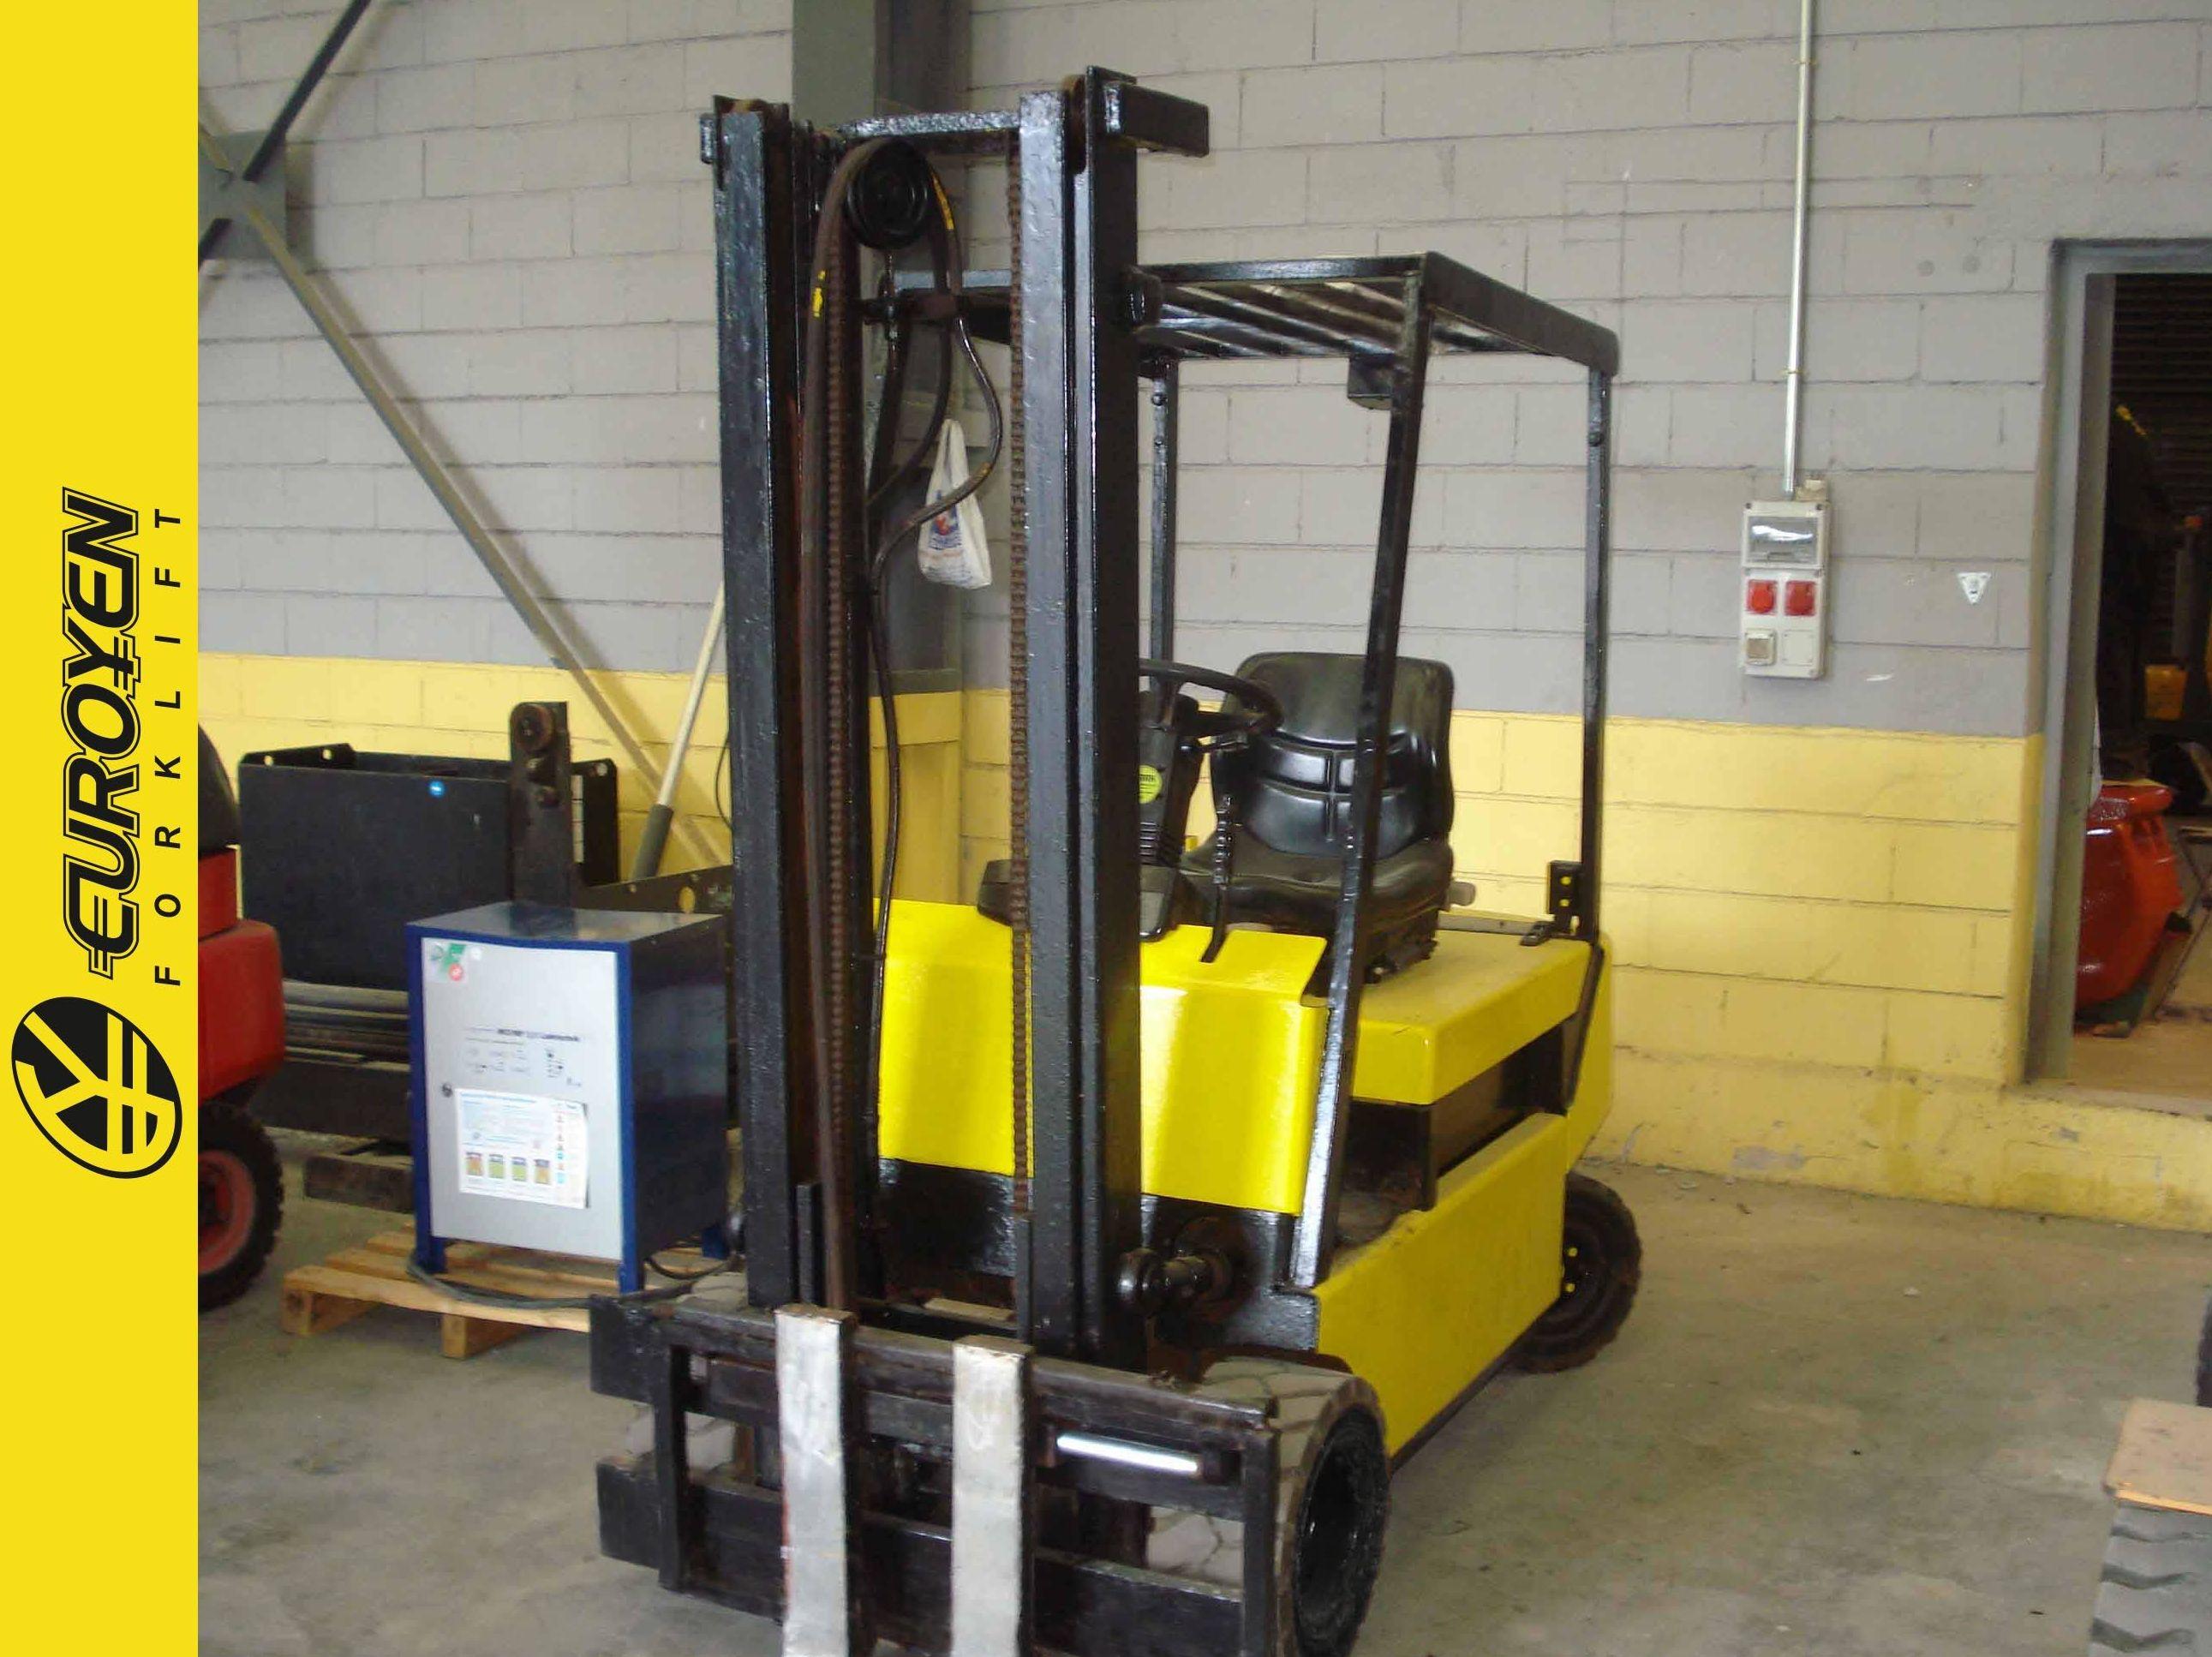 Carretilla eléctrica CLARK Nº 5871: Productos y servicios de Comercial Euroyen, S. L.